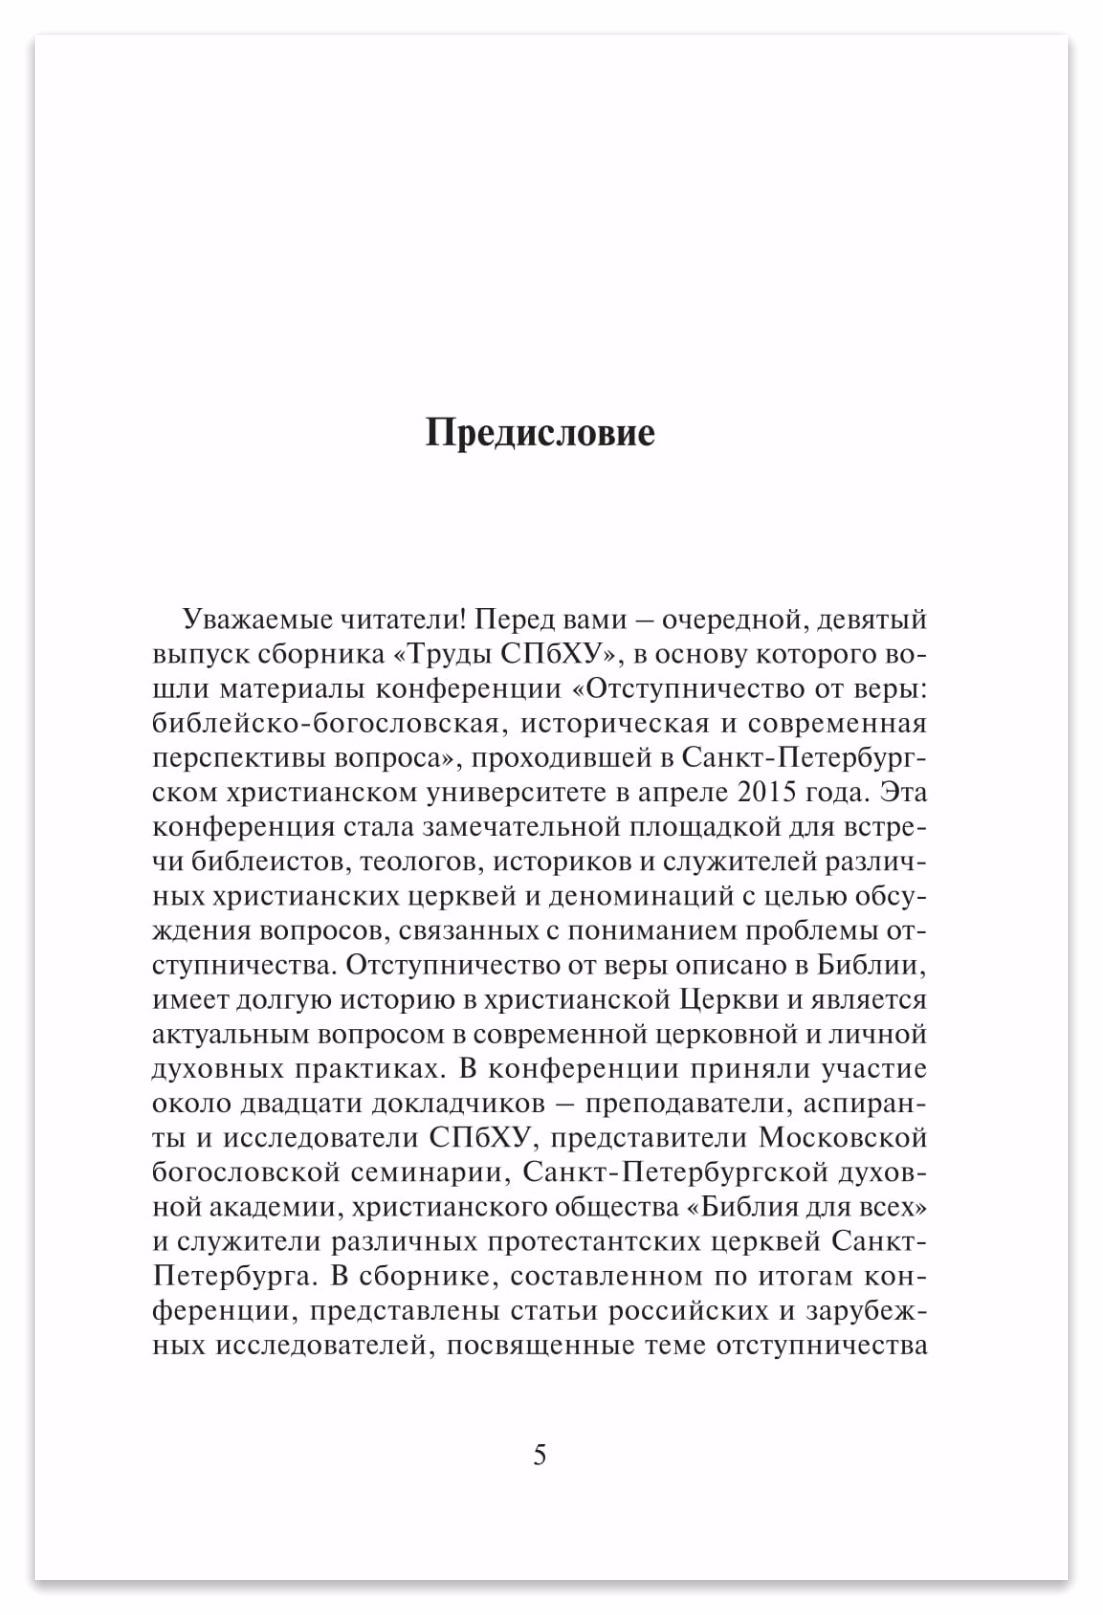 Труды СПбХУ 9 Предисловие стр 5